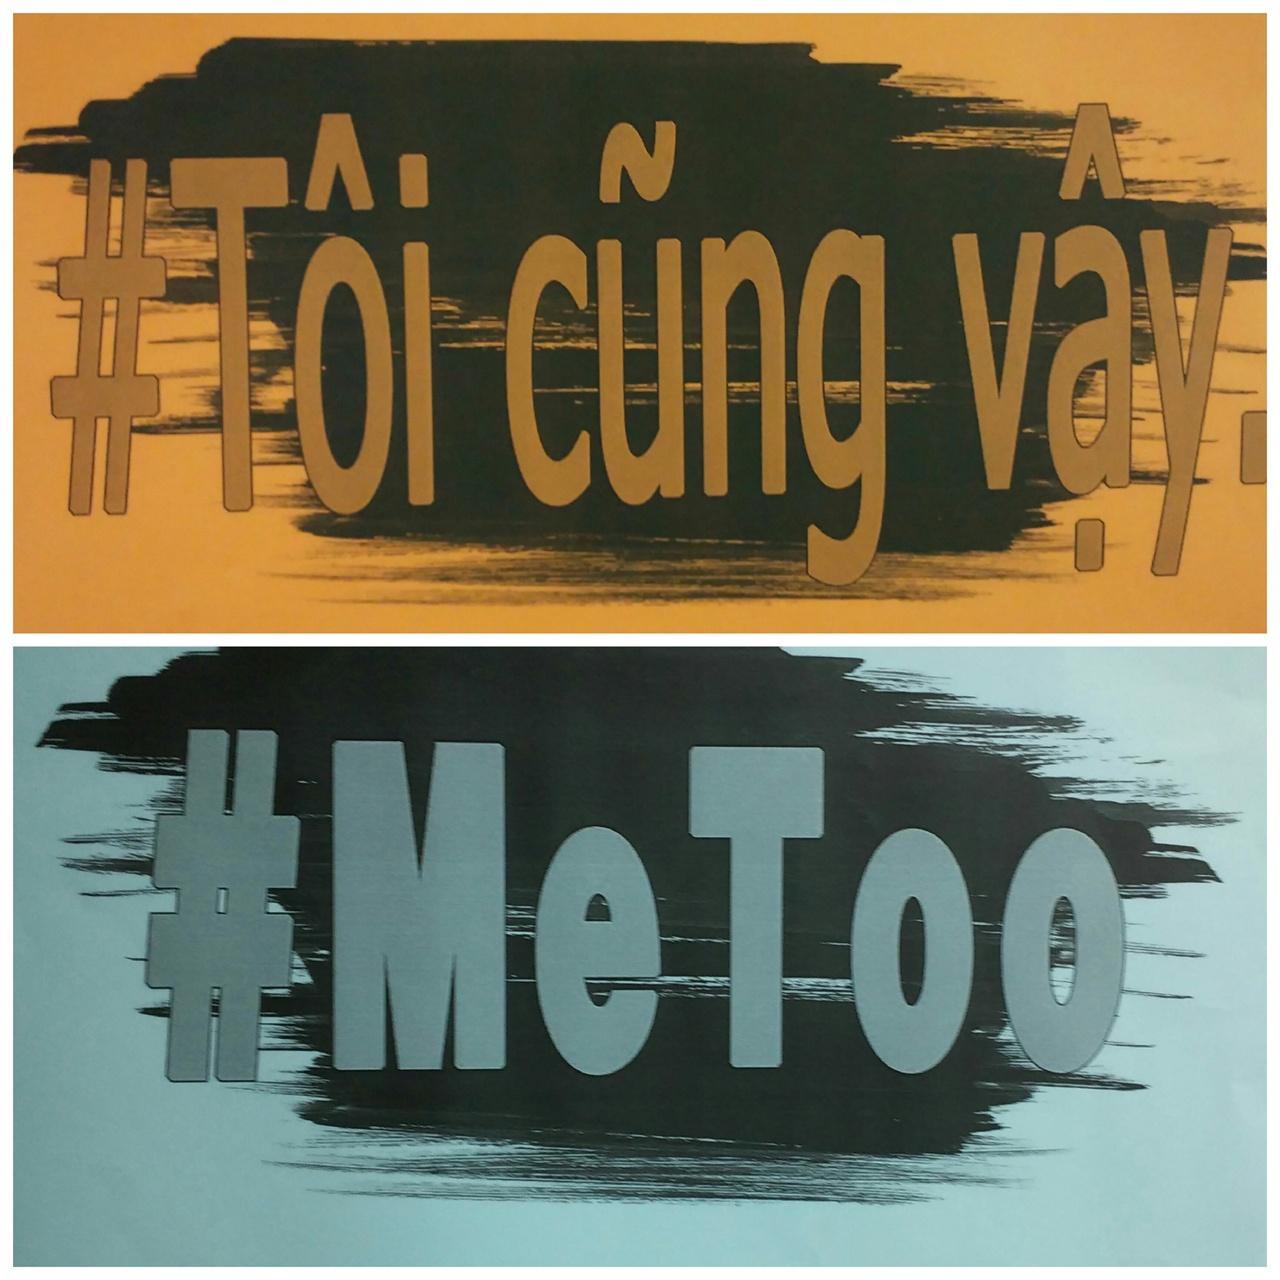 이주여성들의 #Me Too  간담회장 현장에 적혔던 문구들